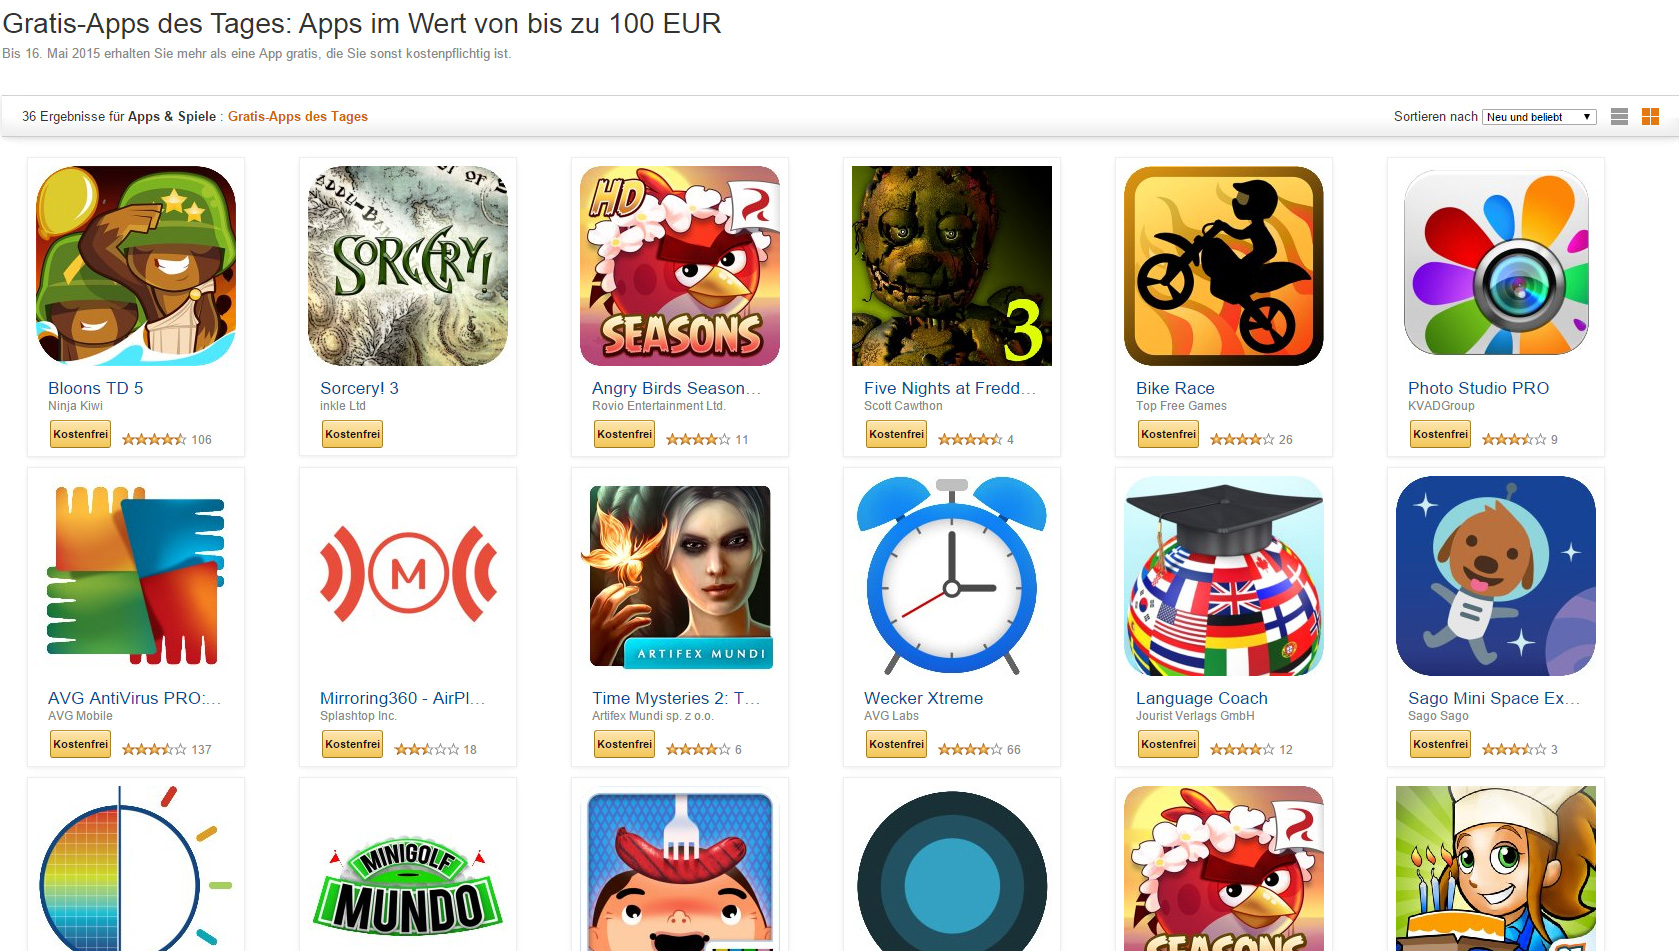 amazon gratis apps apps im wert von 100 euro gibts heute kostenlos